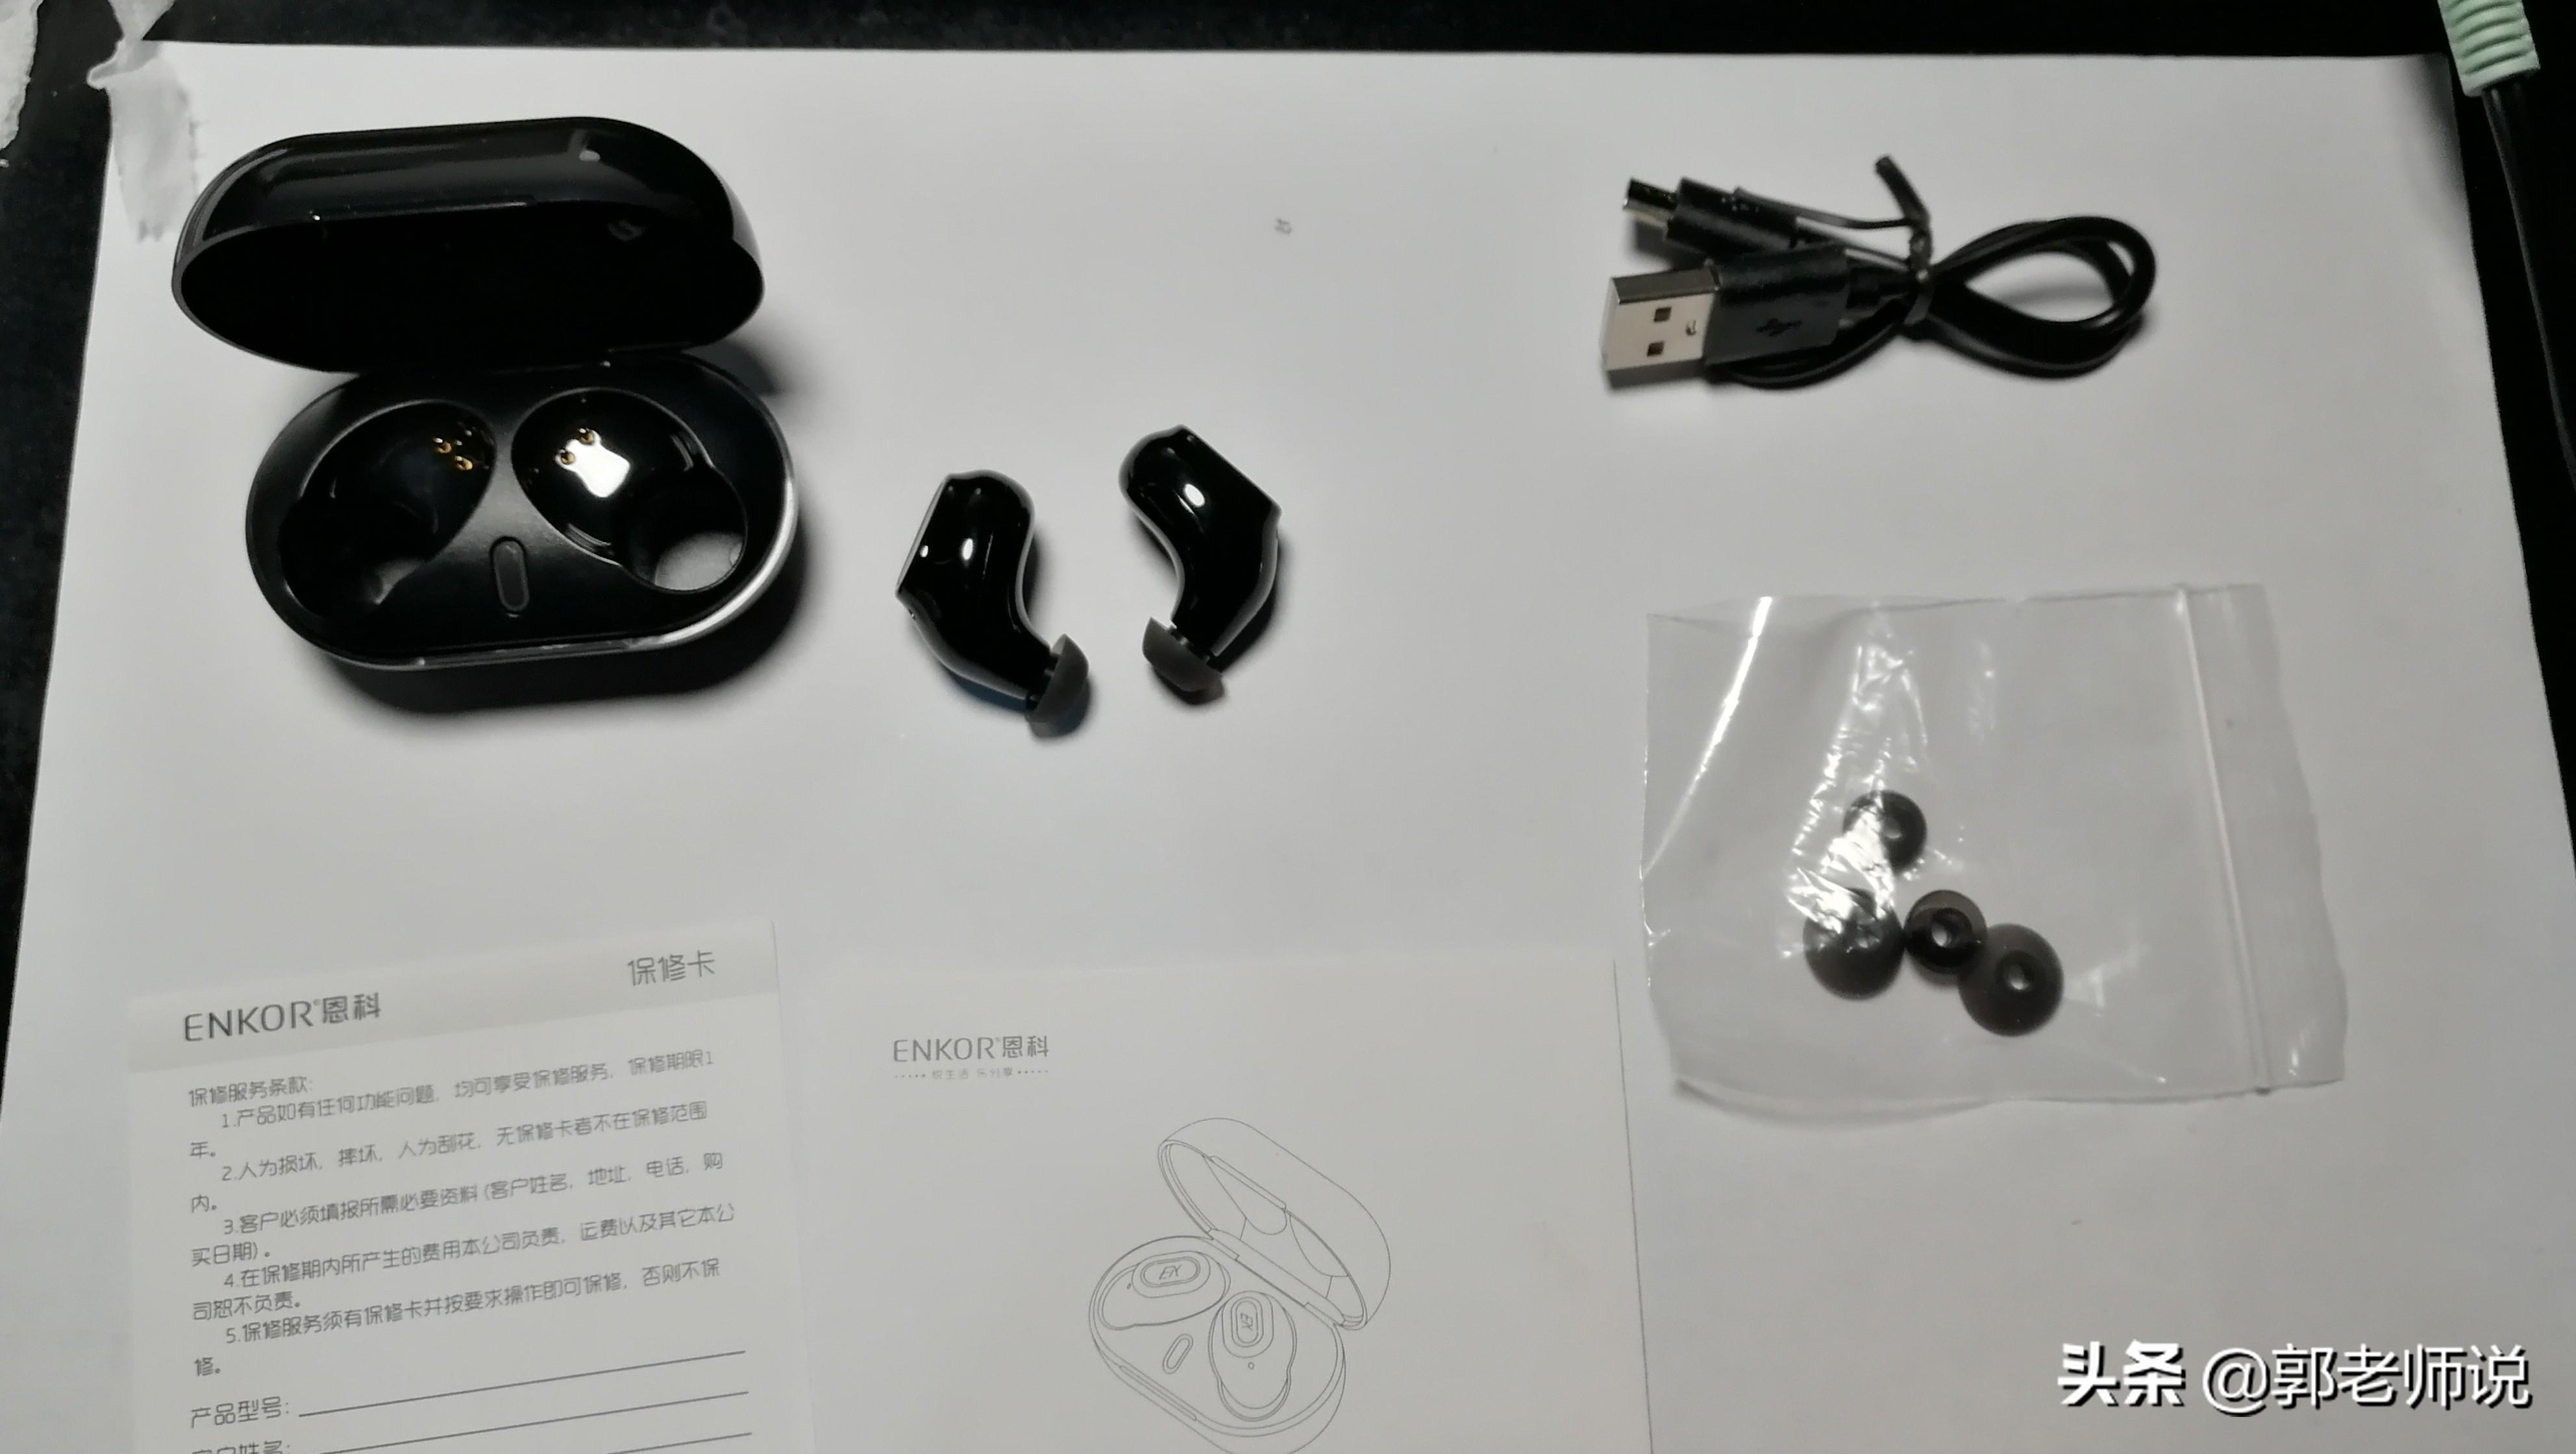 恩科蓝牙耳机怎么样(恩科EW8真无线蓝牙耳机)(5)